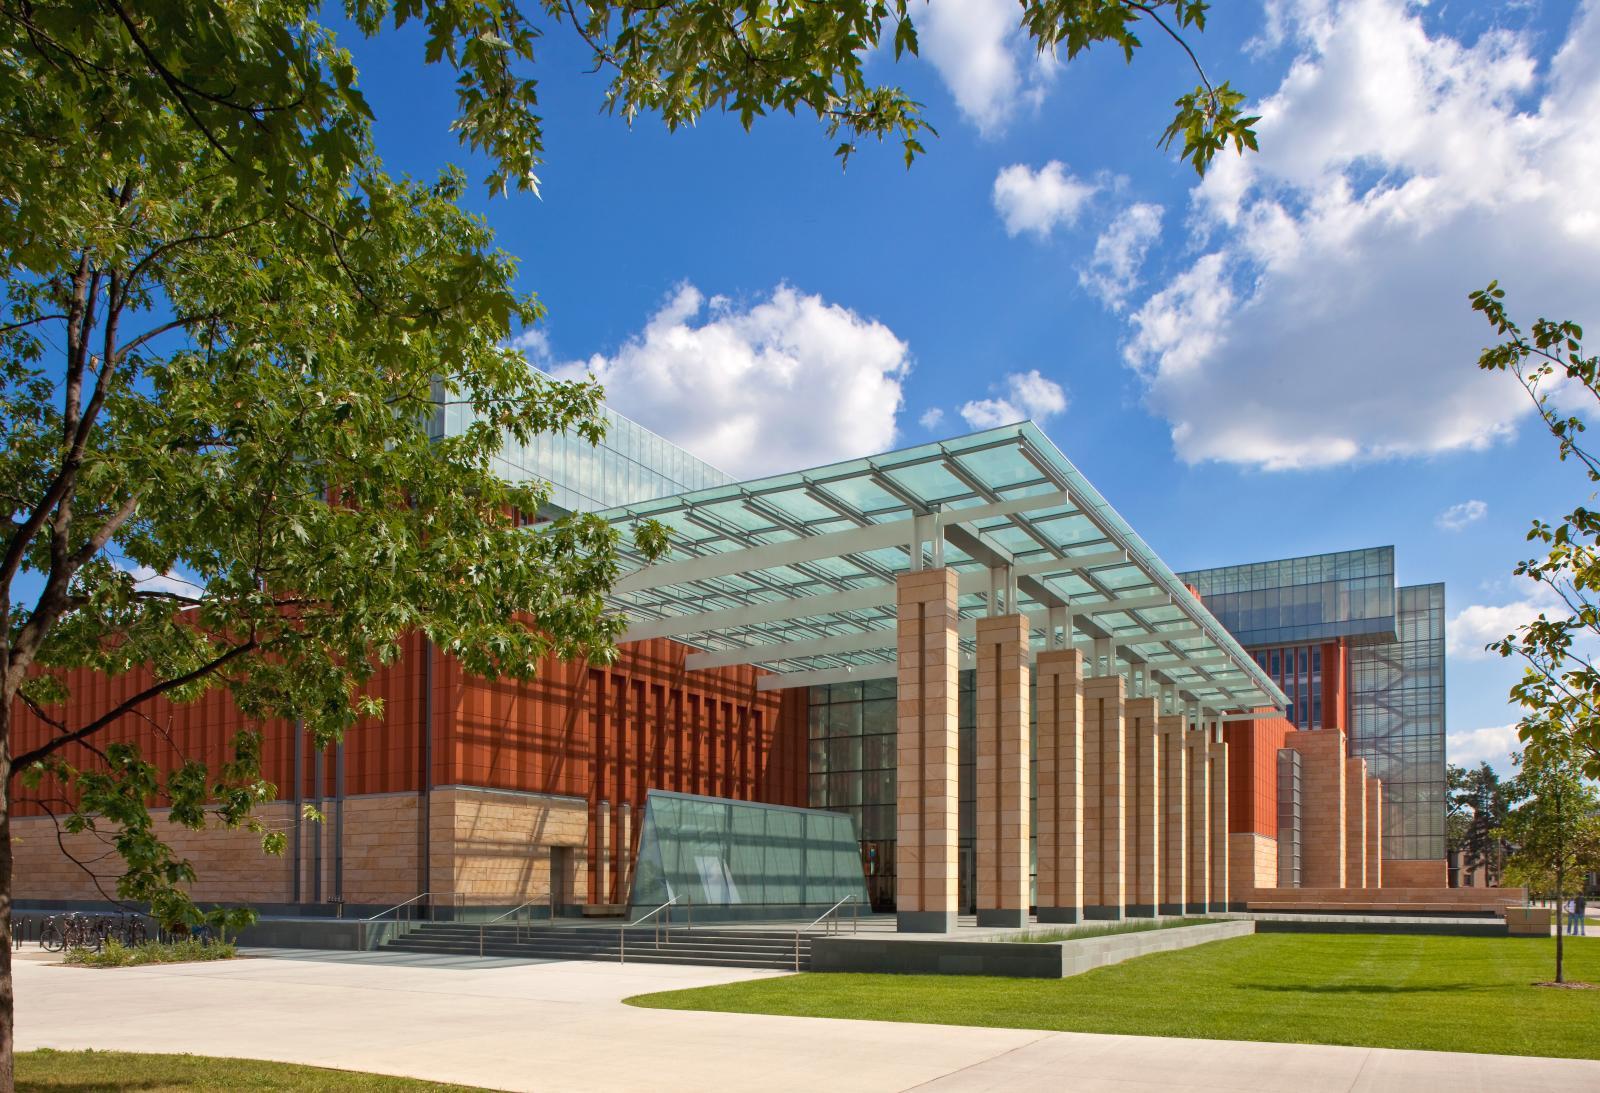 Stephen M. Ross School Of Business - Kpf Intended For Rossbusiness School Calender